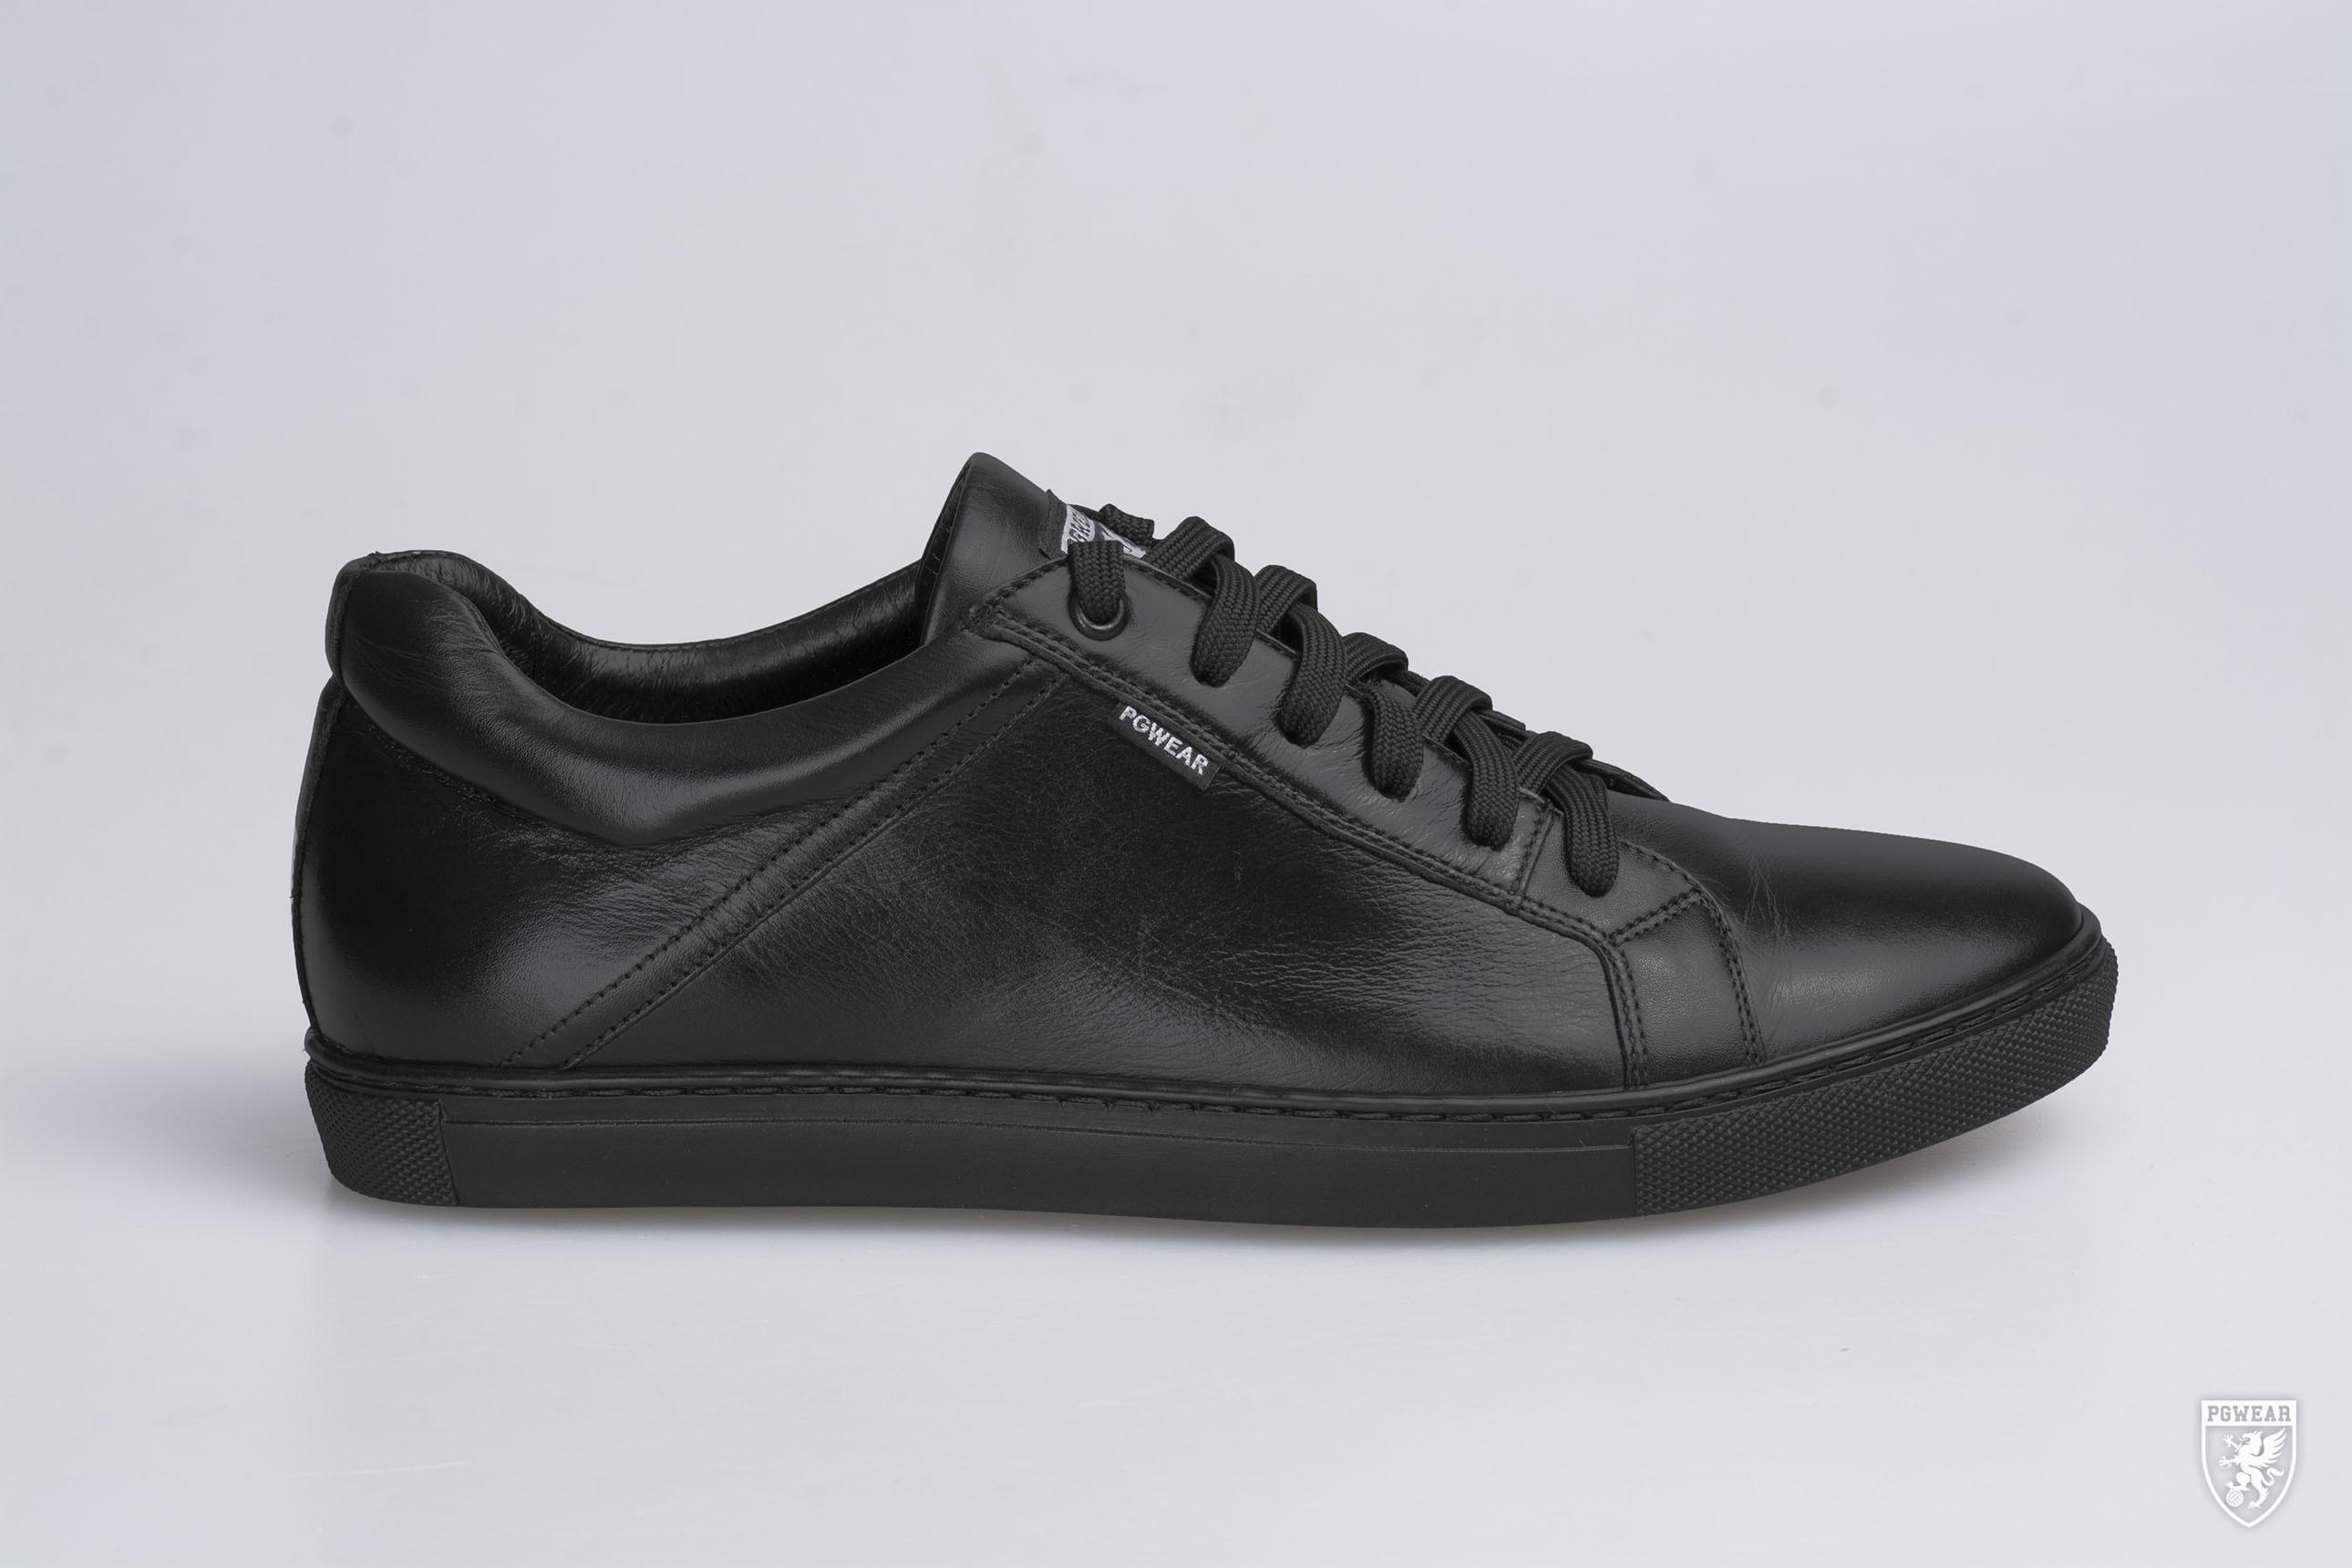 Buty PGWEAR Sneaker Czarne 41